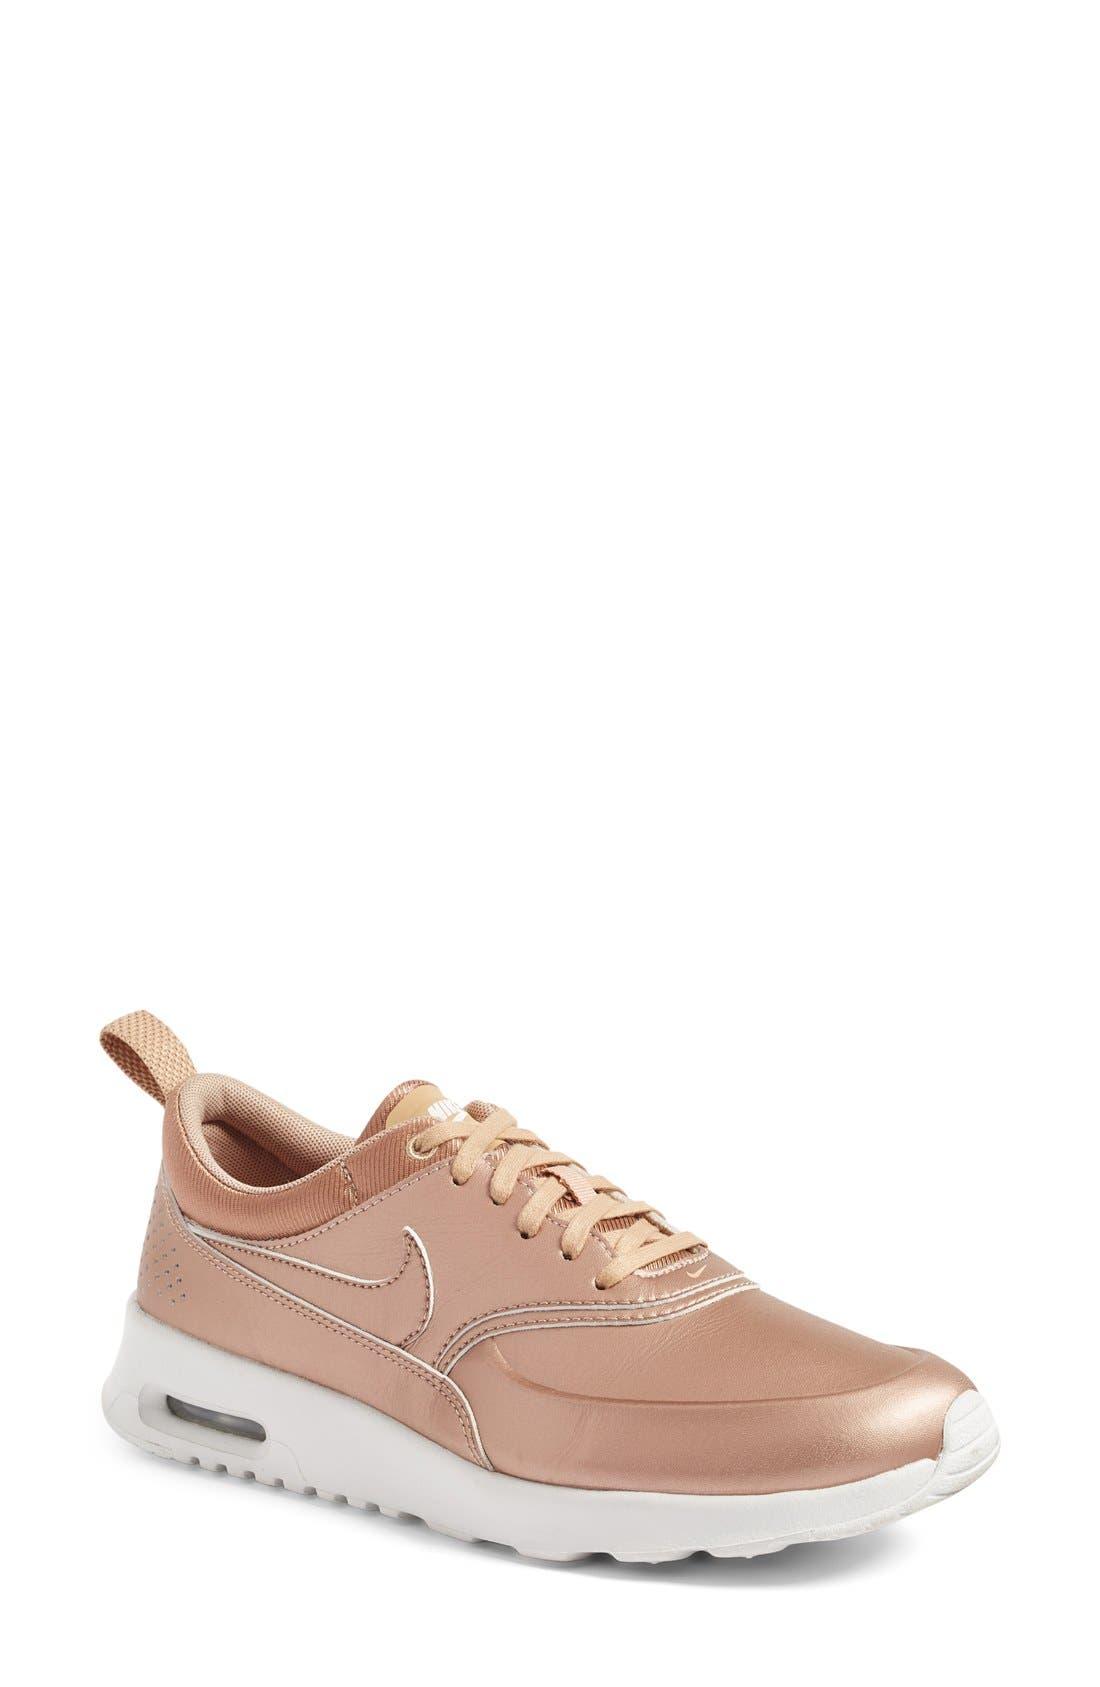 Main Image - Nike Air Max Thea SE Sneaker (Women)